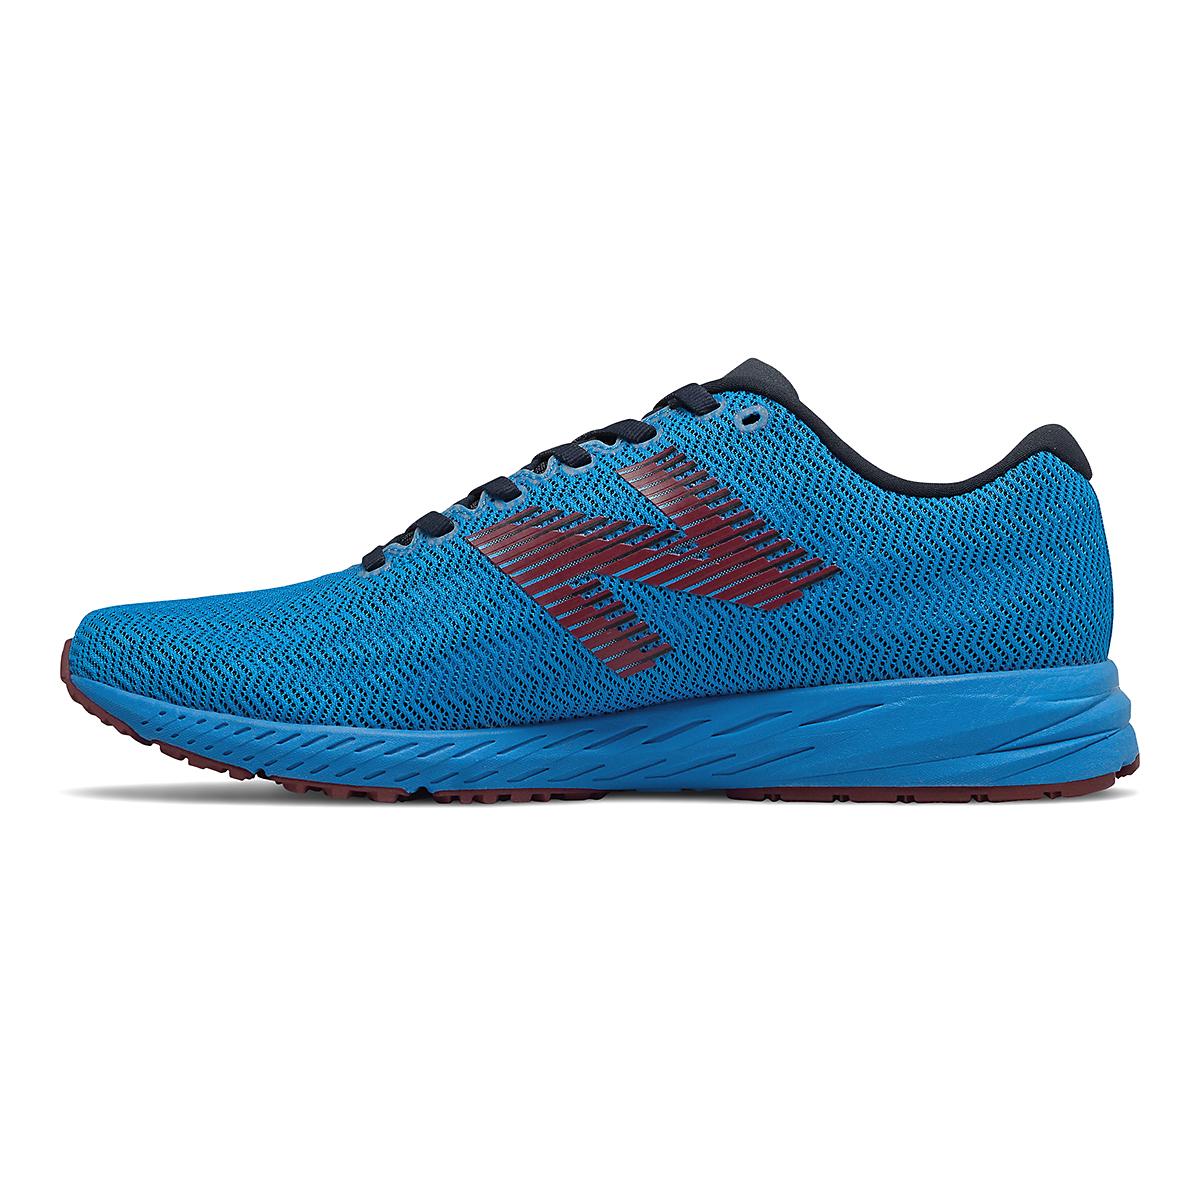 Men's New Balance 1400V6 Running Shoe - Color: Vision Blue - Size: 7 - Width: Wide, Vision Blue, large, image 2